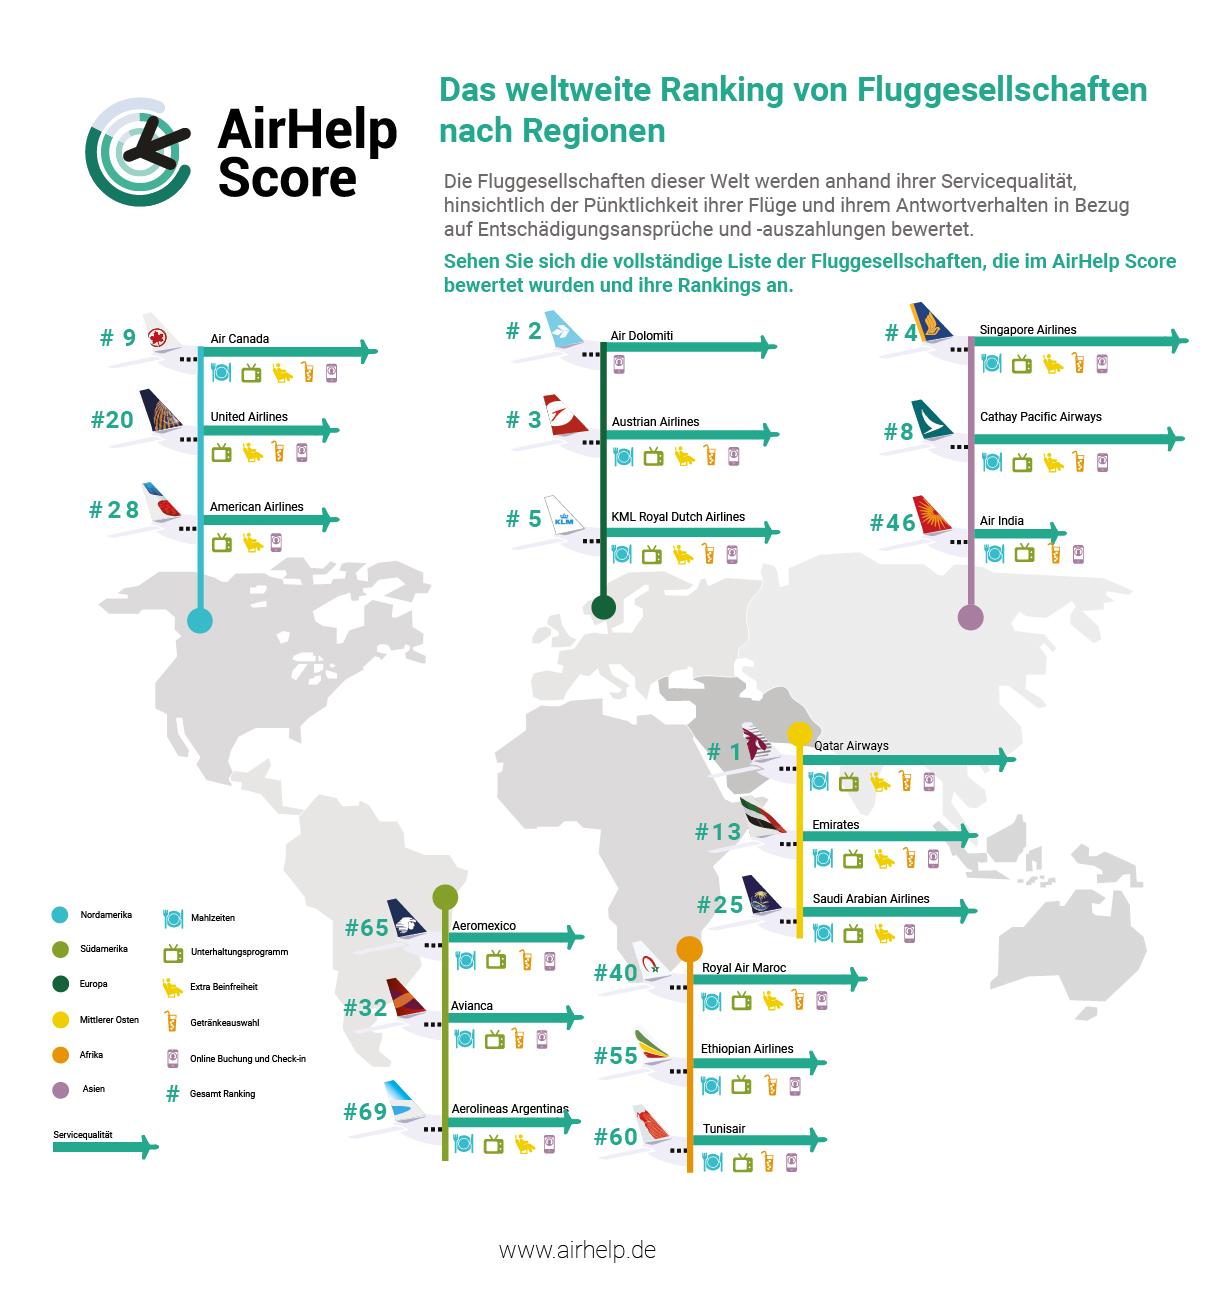 Der AirHelp Score nach Region